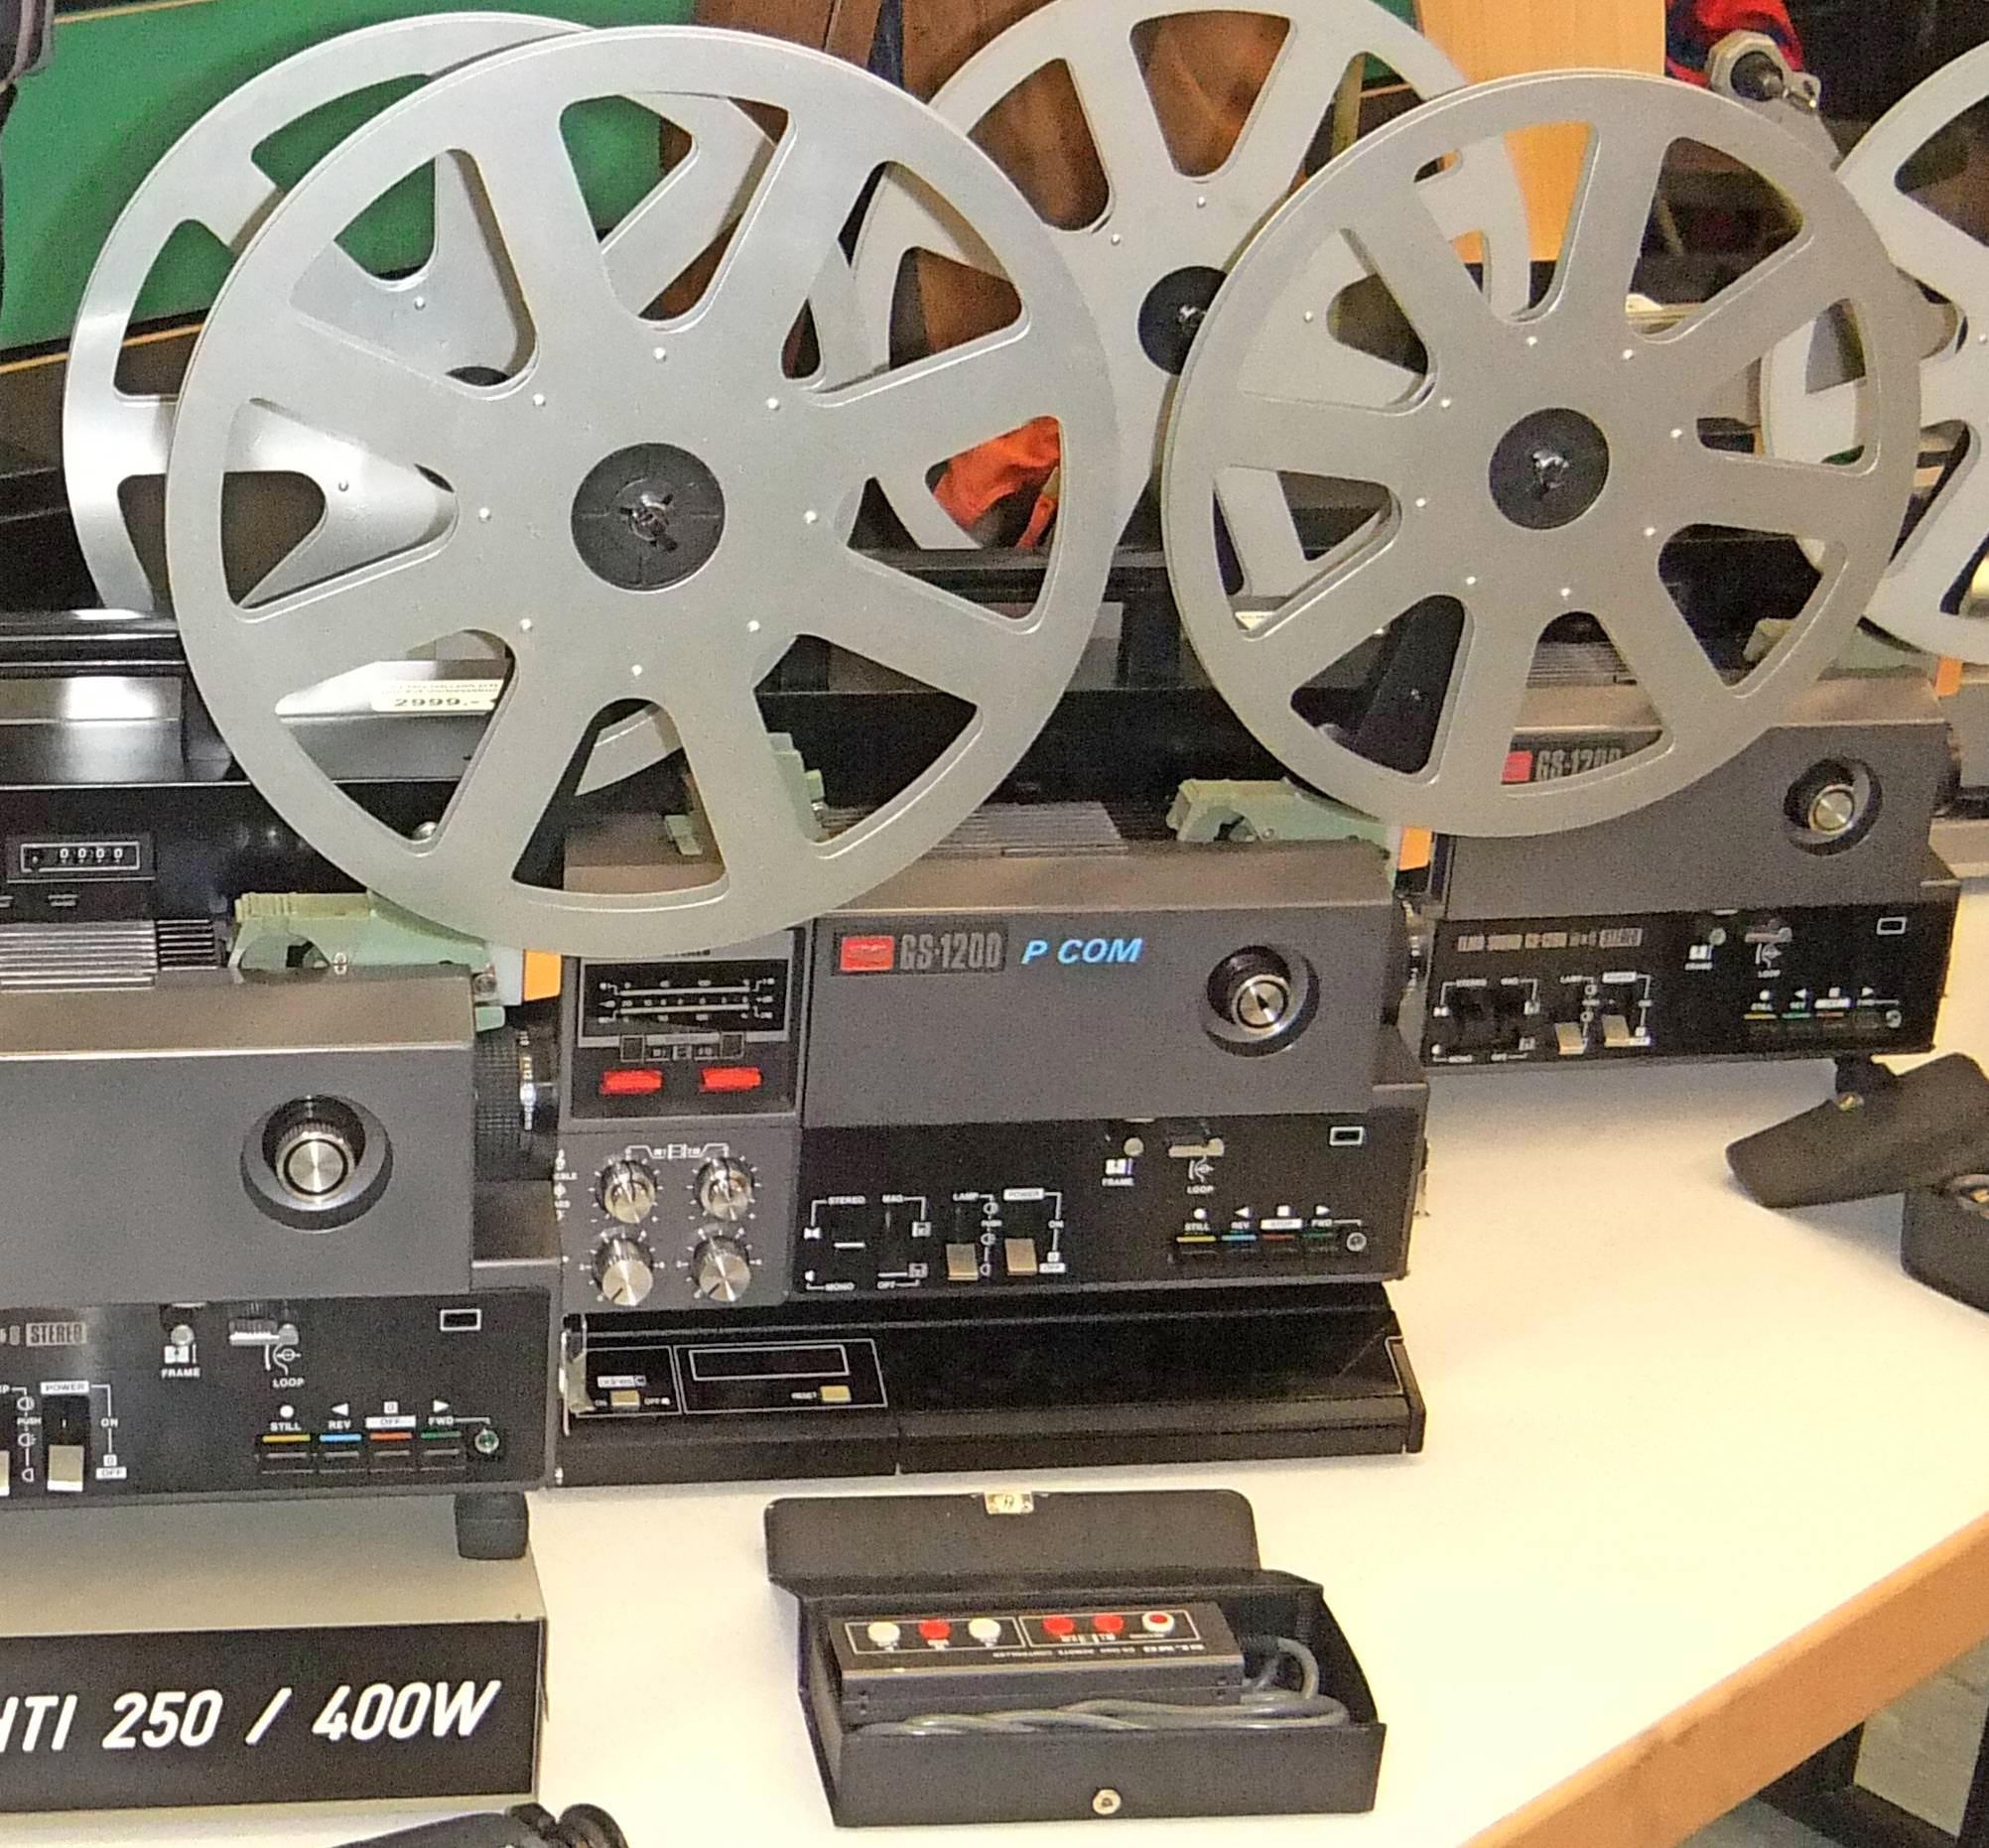 Exklusiver Service, Wartung und Verkauf von ELMO-Filmprojektoren der Referenzklasse.